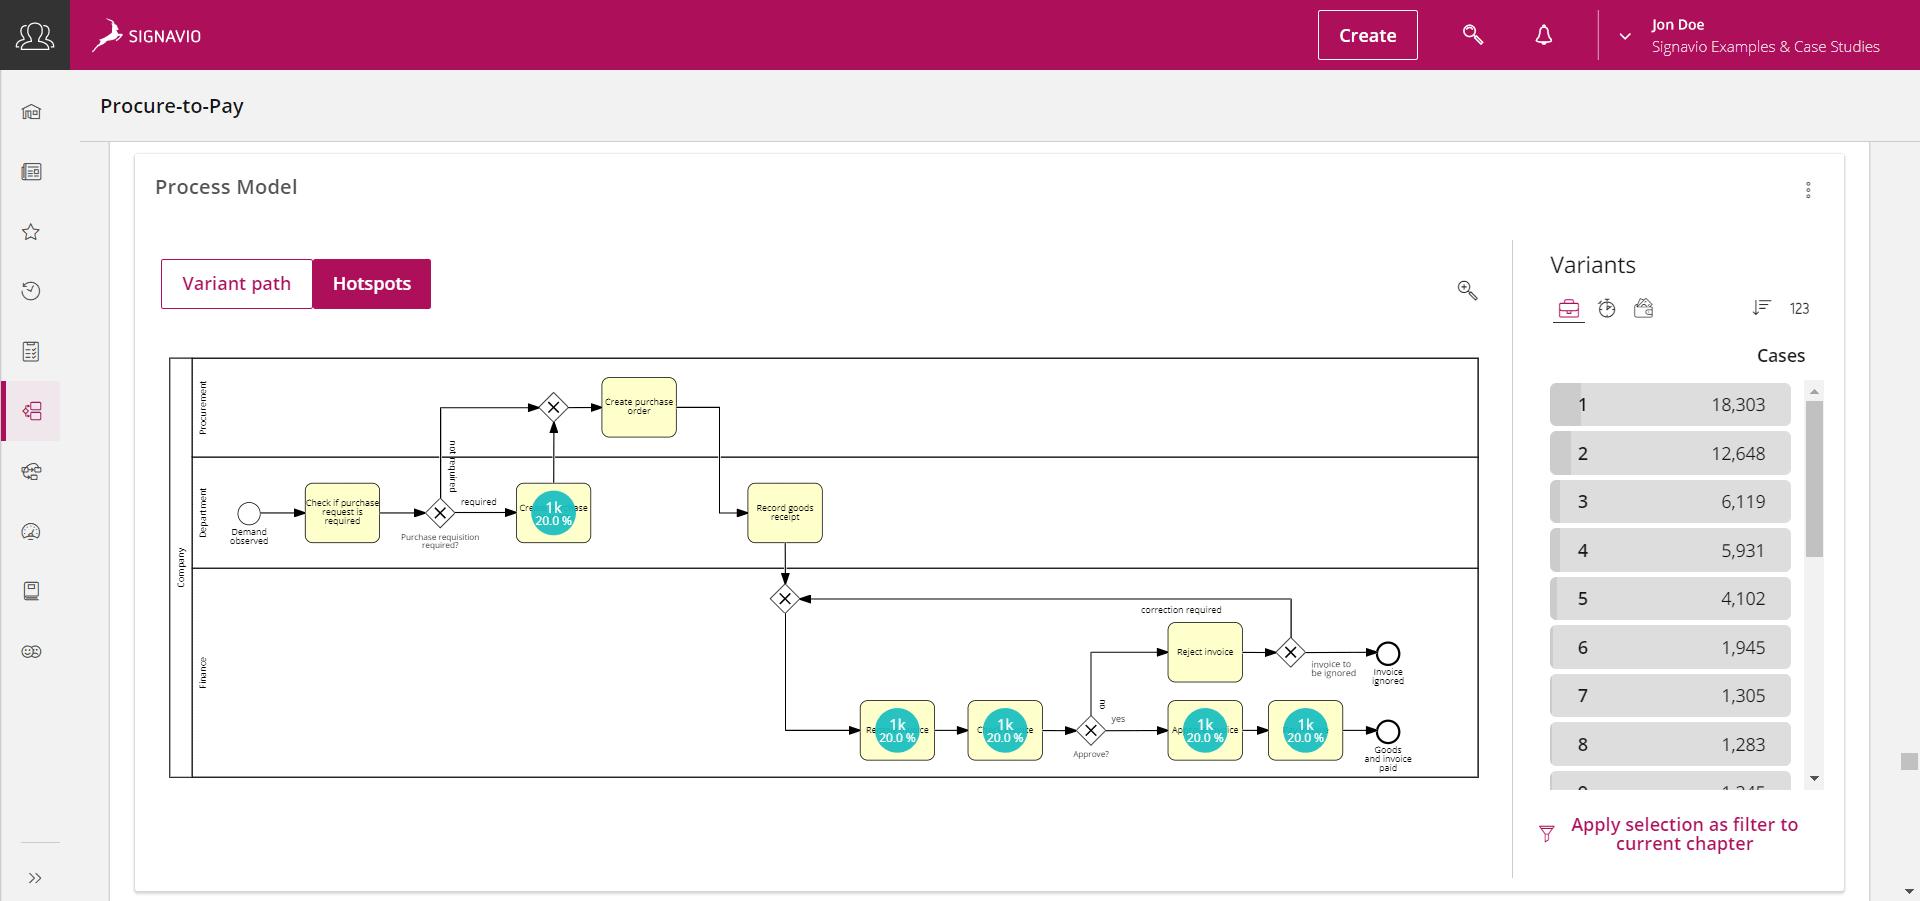 Processus P2P KPI image